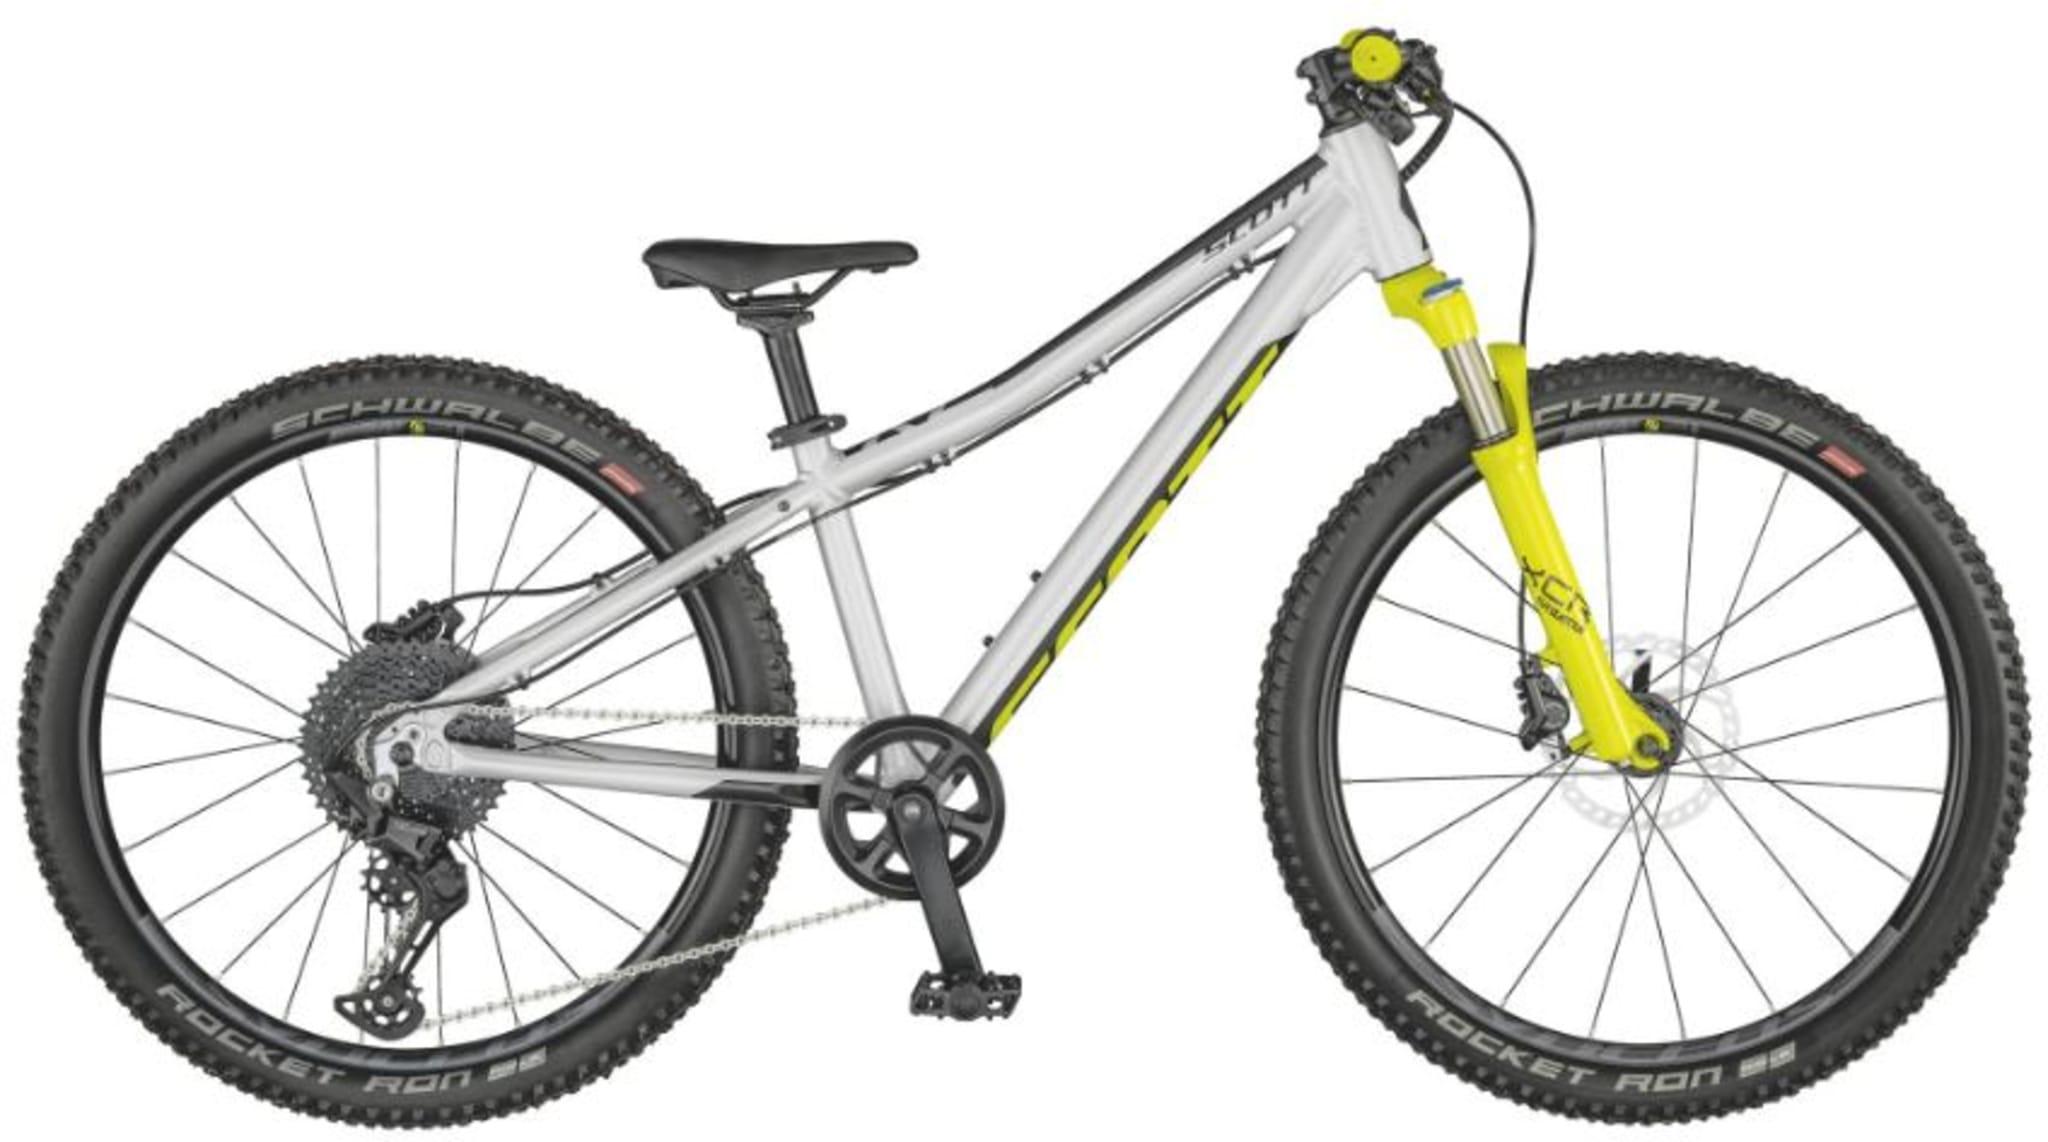 """Suveren og kapabel """"gjør-alt"""" 24-tommers sykkel med dempegaffel foran, laget for de unge som liker en racing-inspirert sykkel!"""